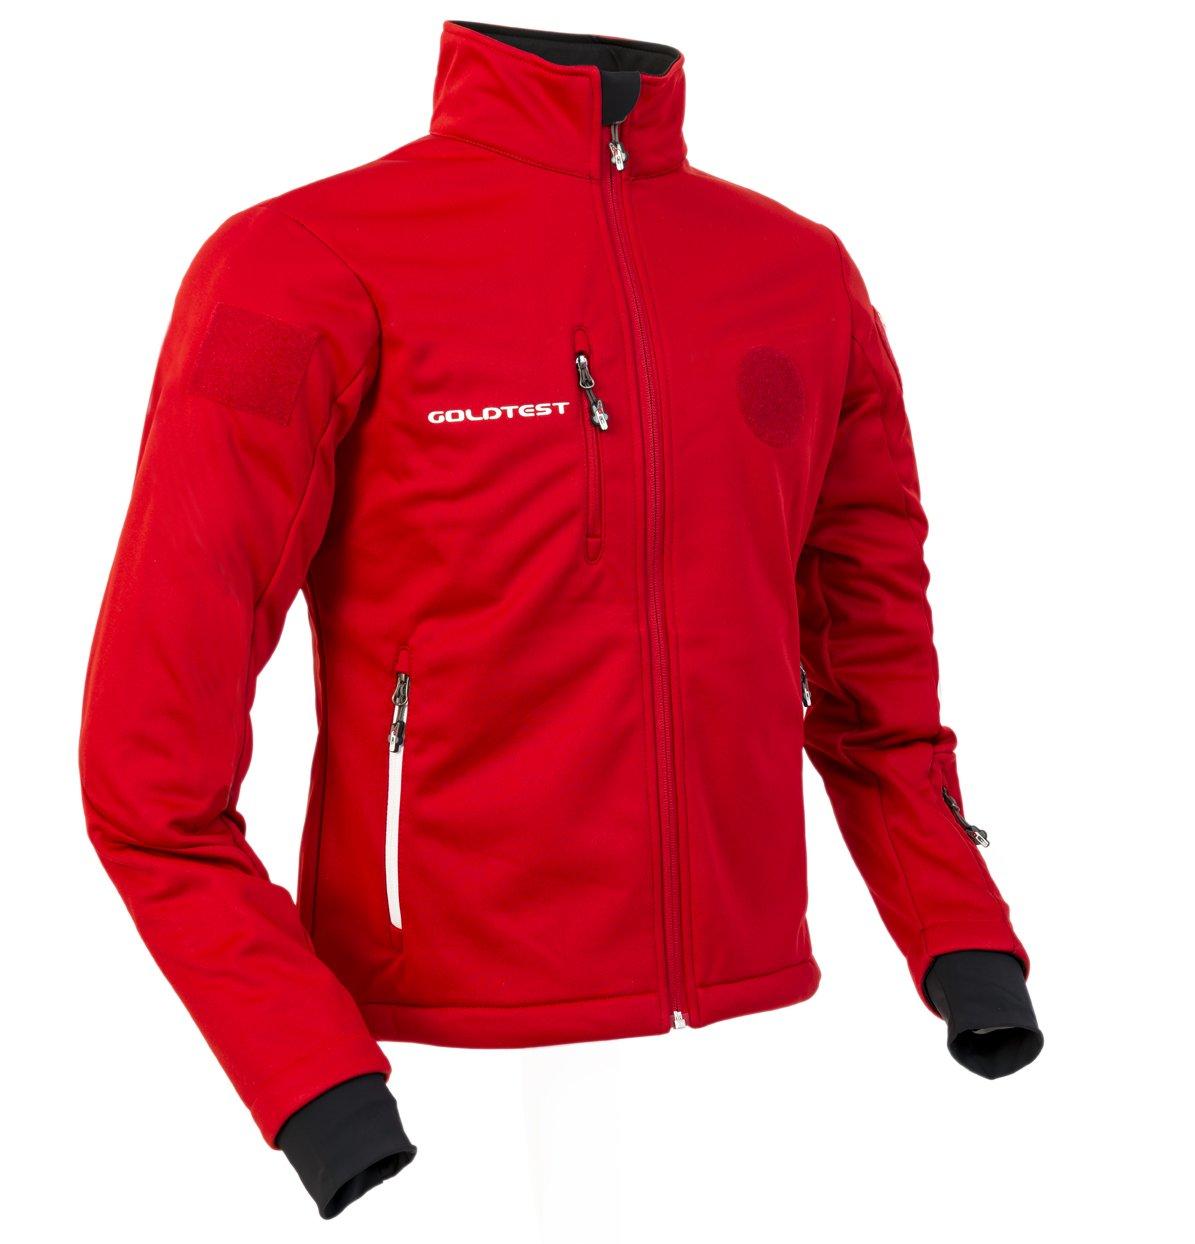 veste softshell league 4 homme rouge boutique goldtest. Black Bedroom Furniture Sets. Home Design Ideas